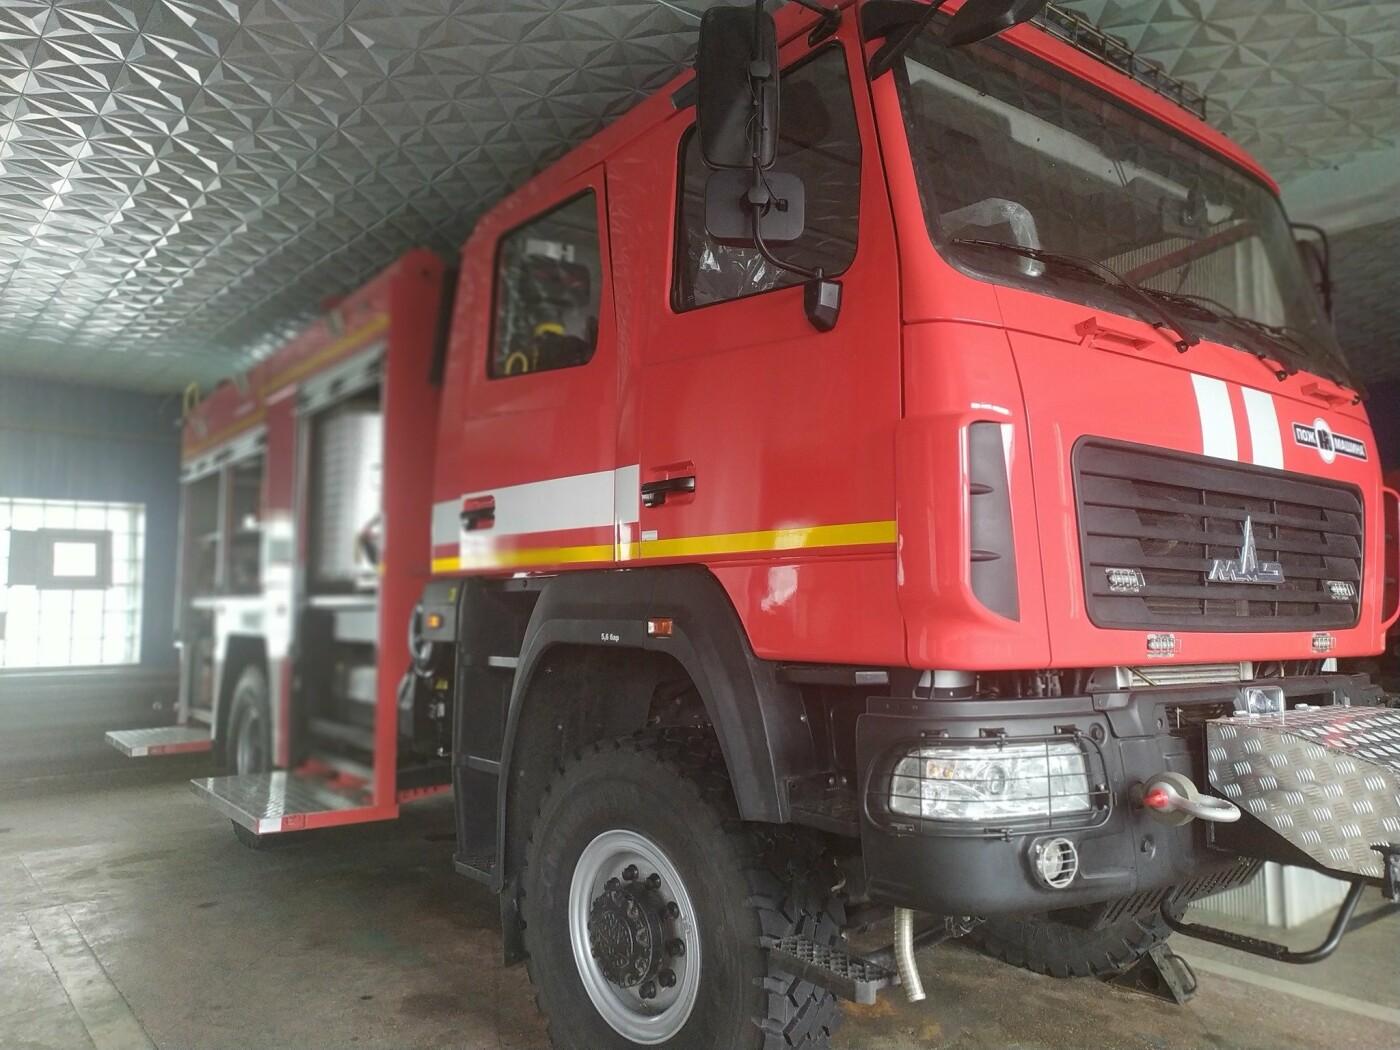 Глава ХОГА Алексей Кучер посетил Лозовую с инспекцией пожарной безопасности, фото-2